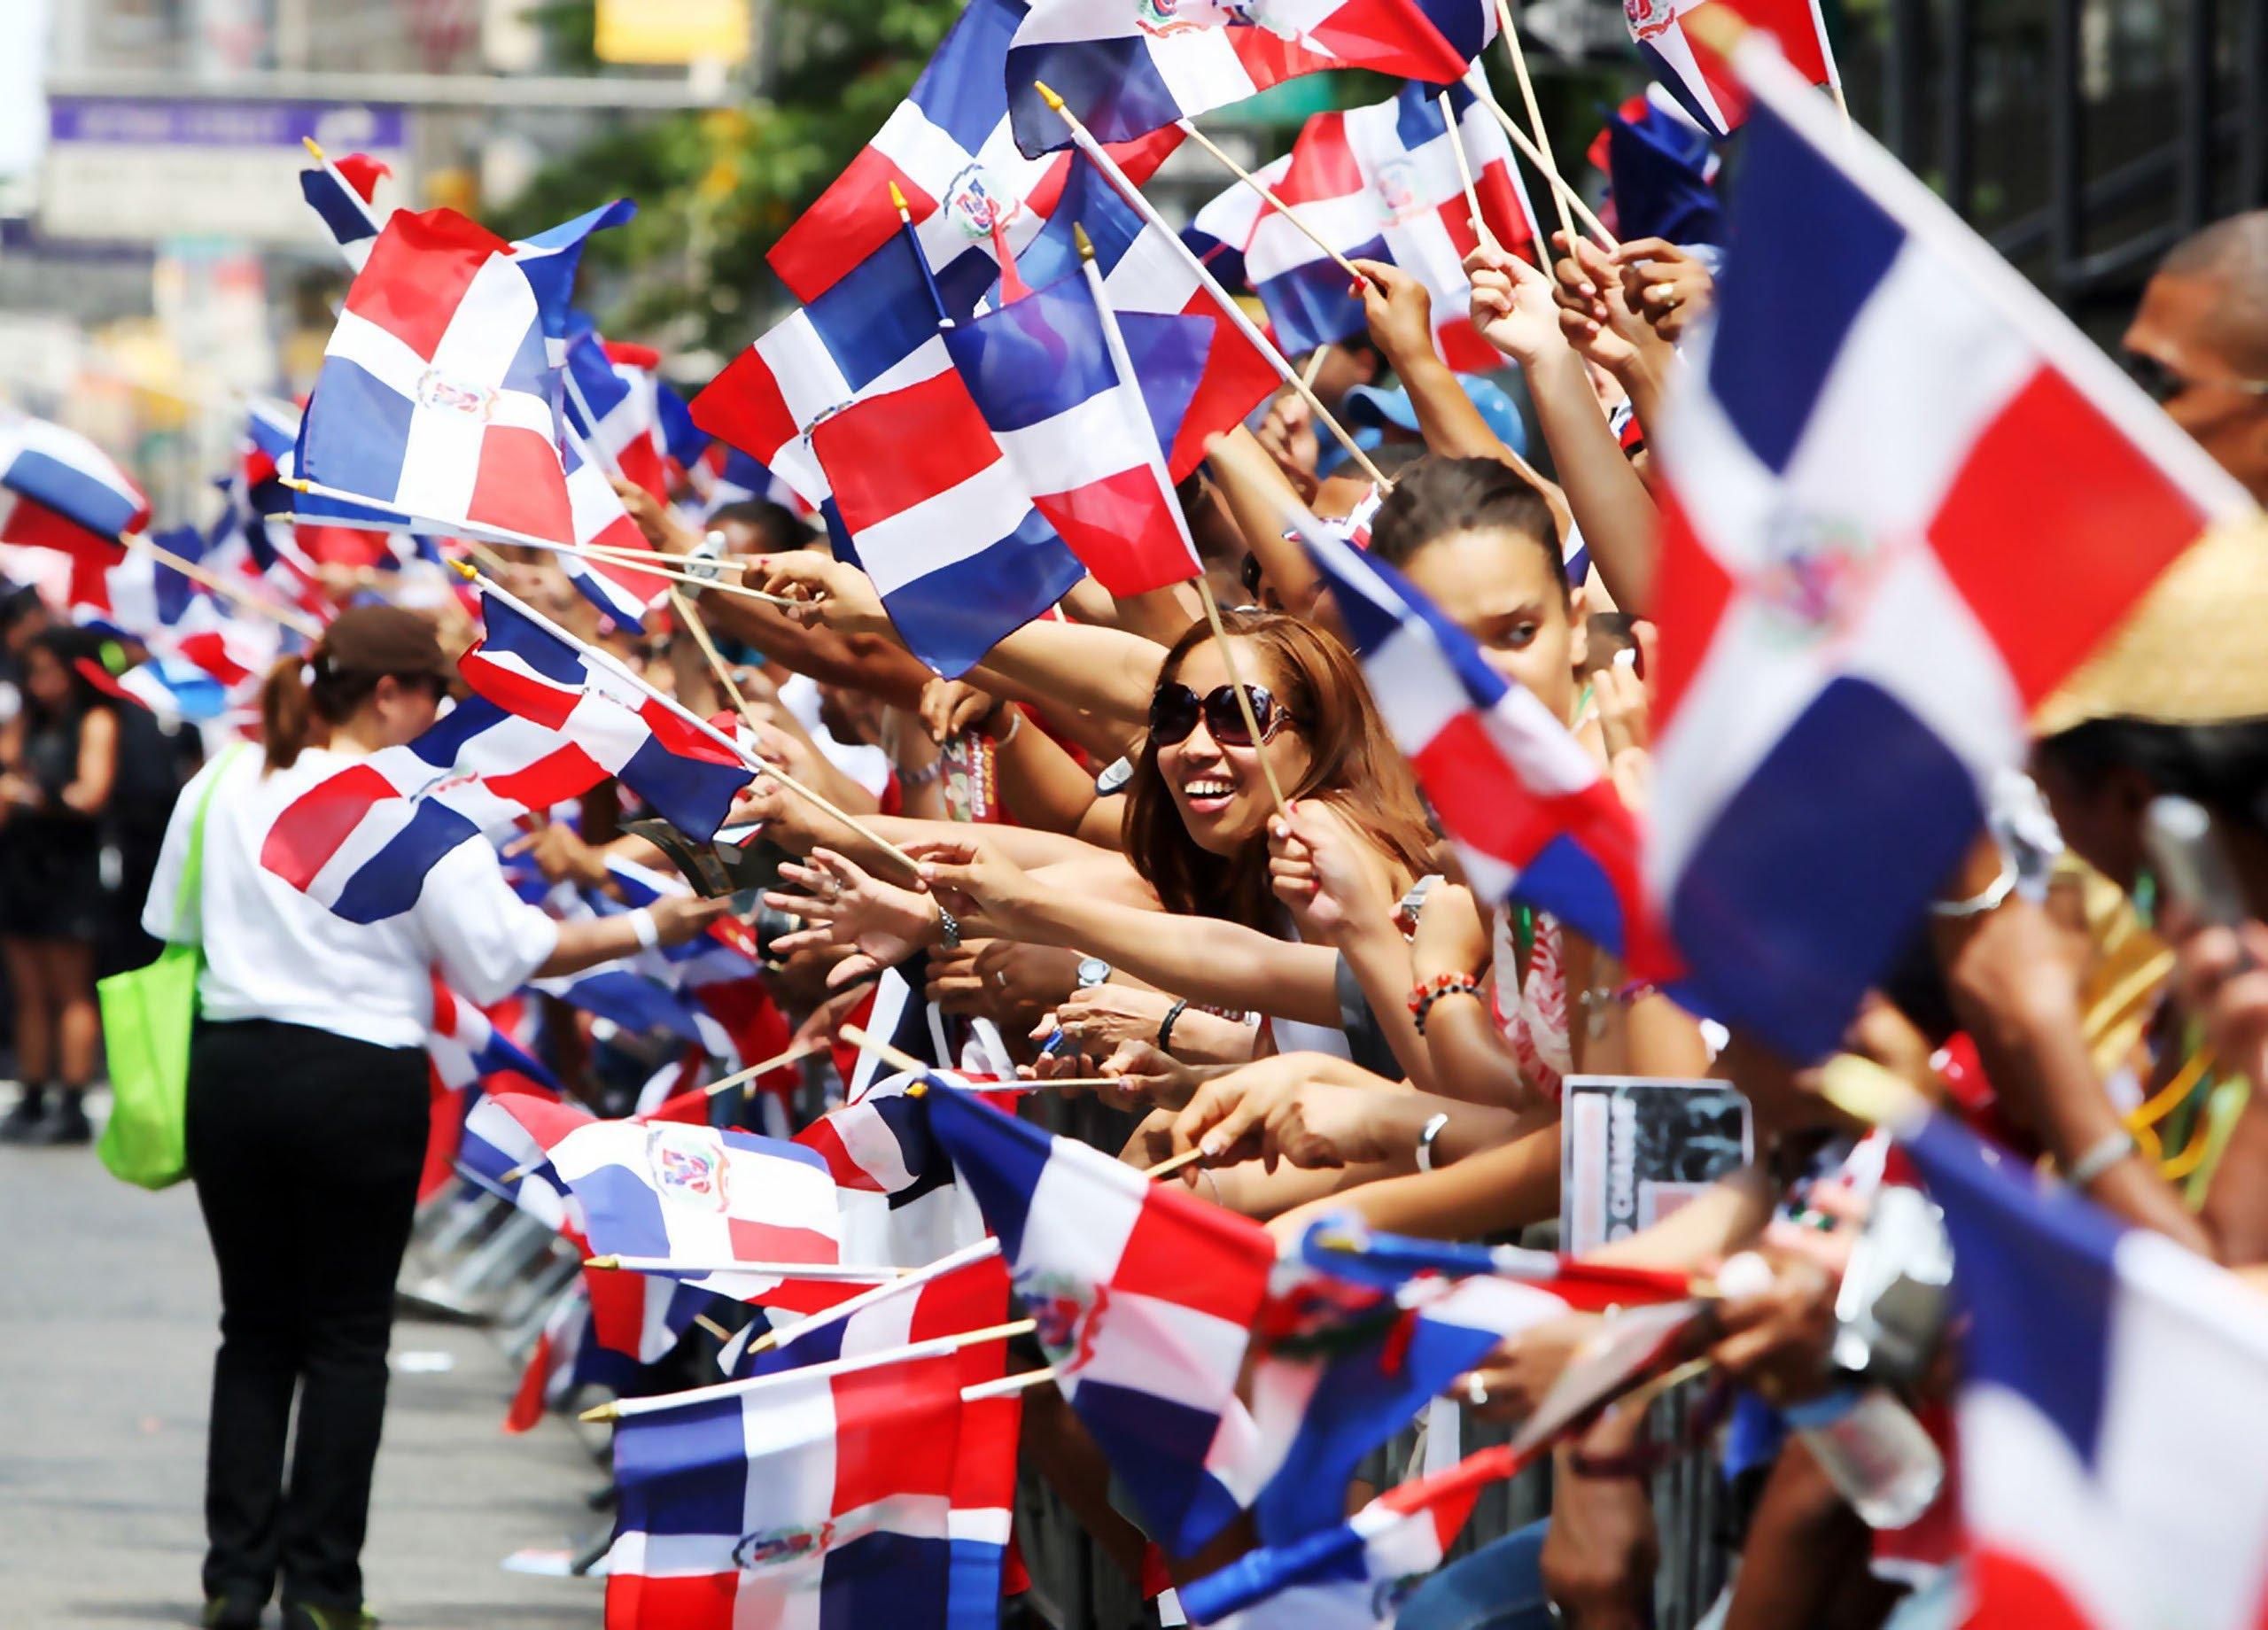 Presidenta del Desfile Dominicano en NY recibe amenazas de muerte